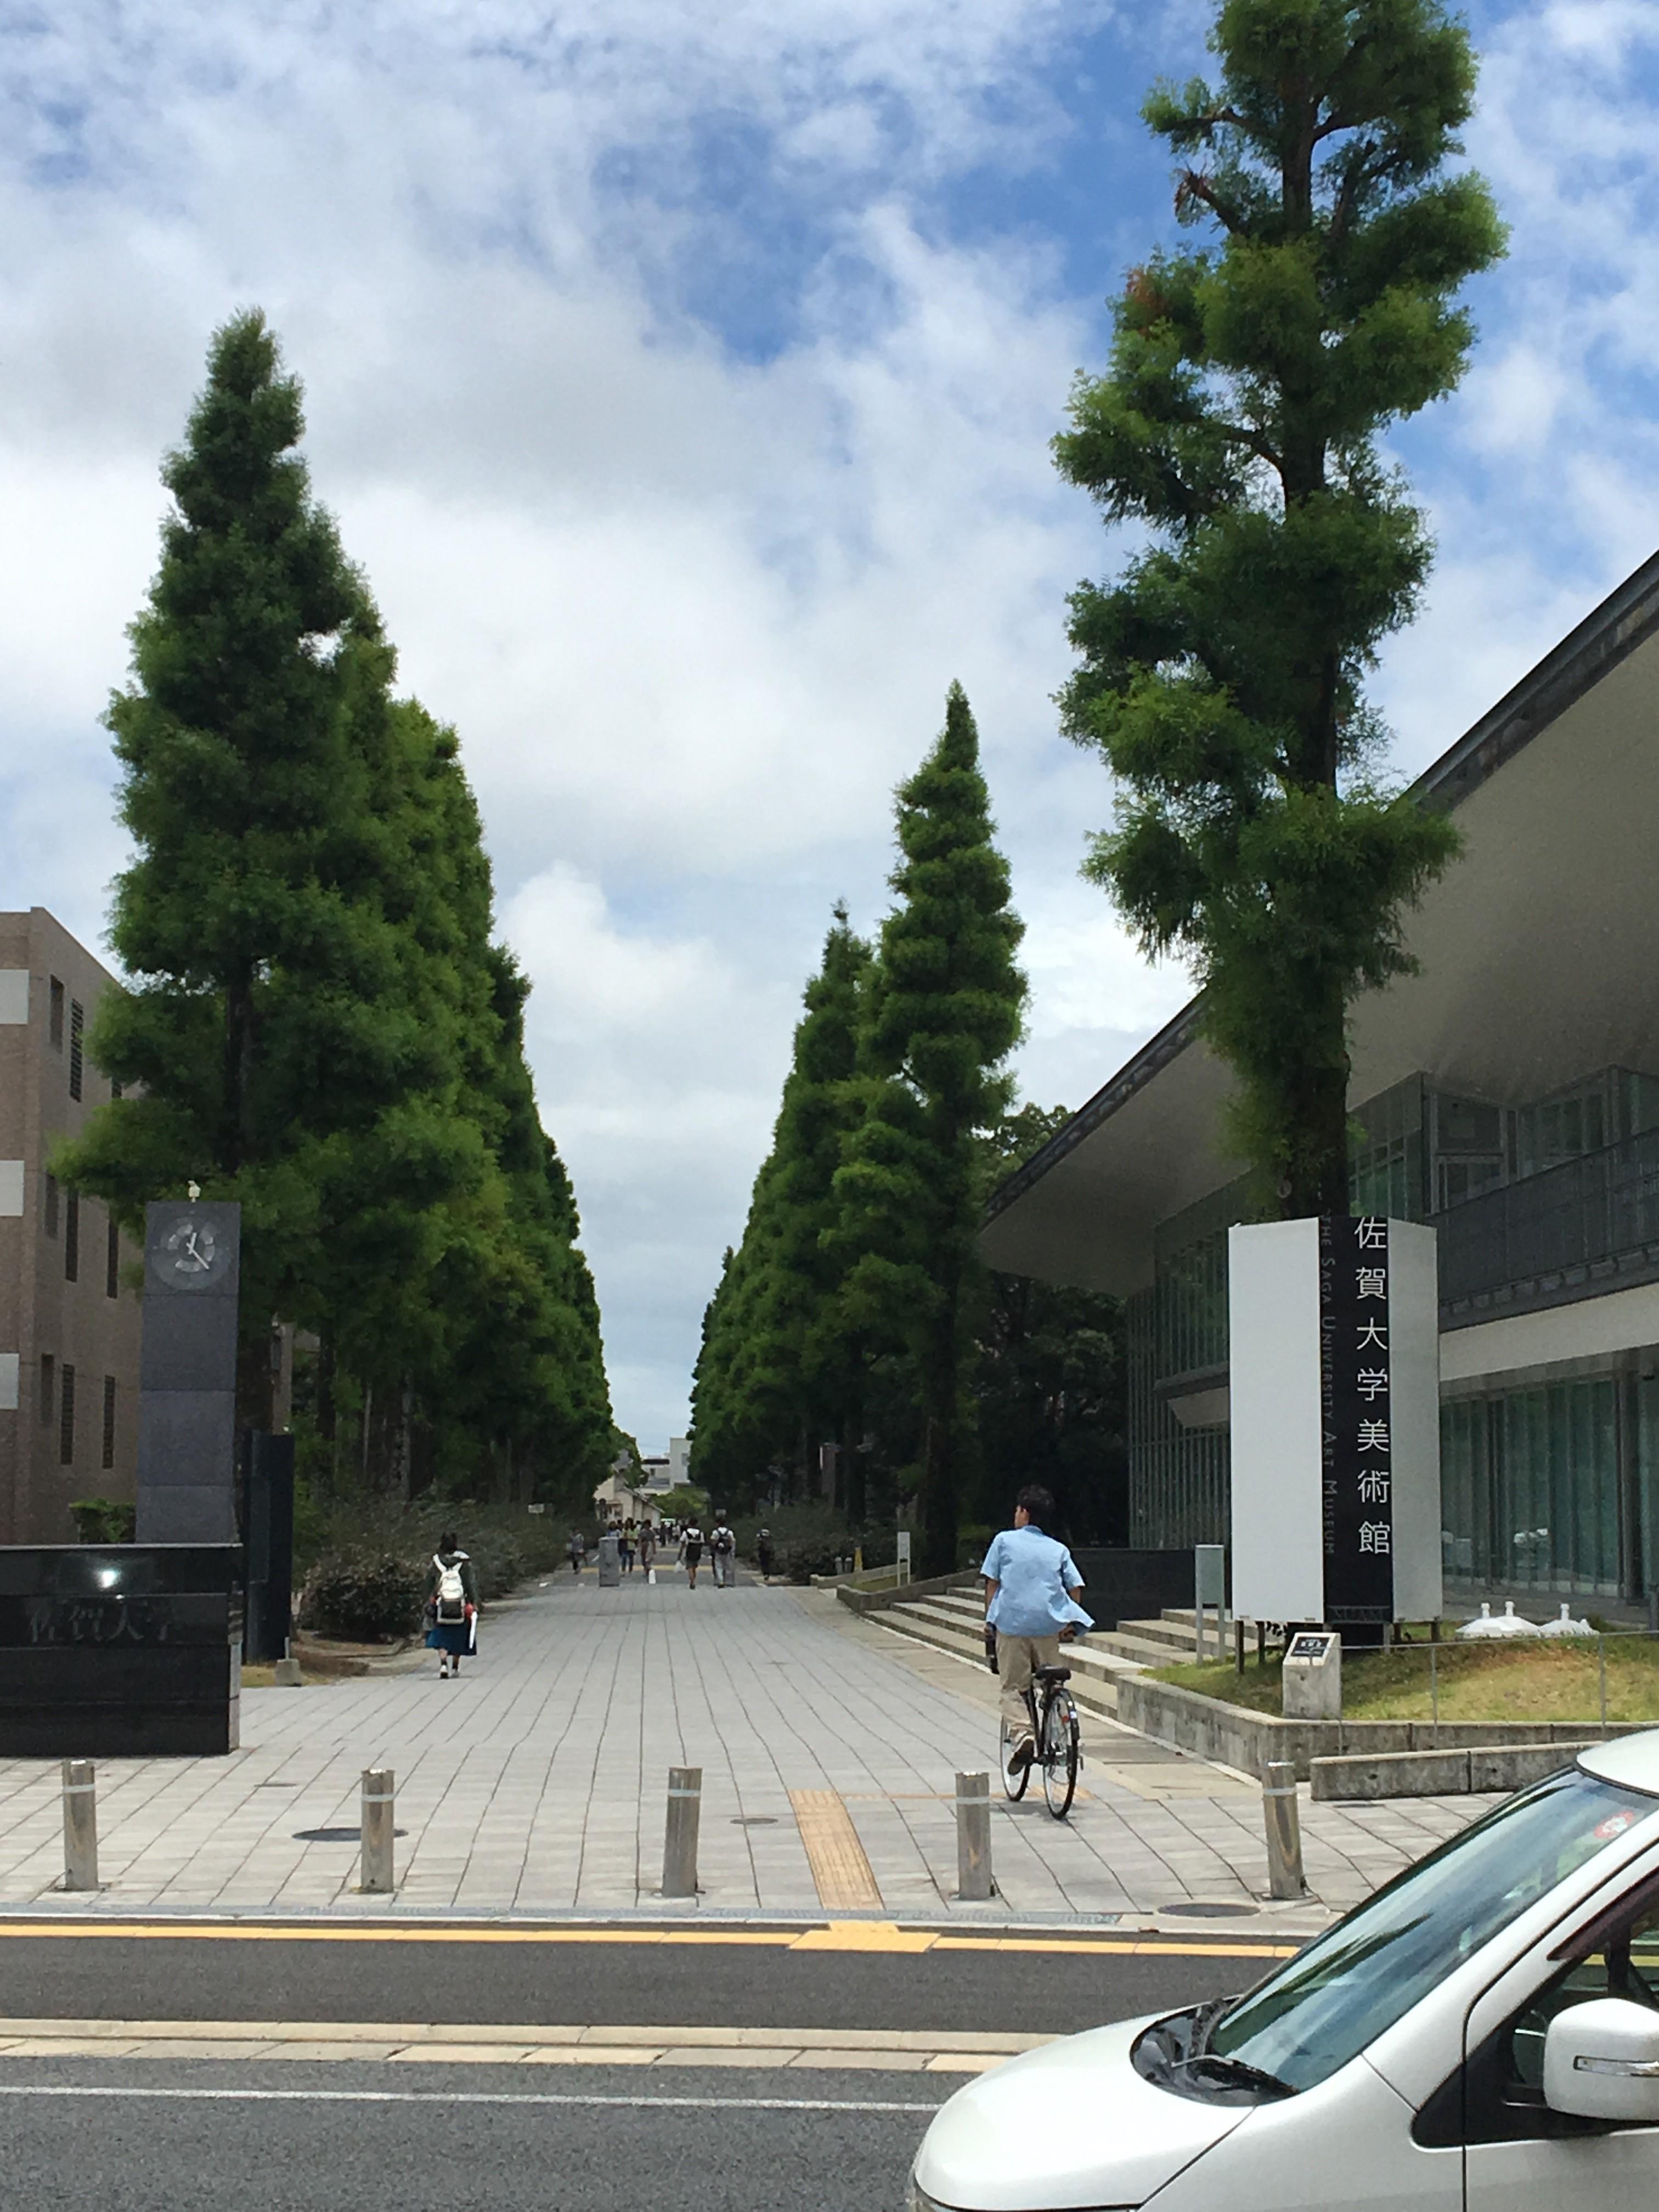 今回の1枚は、本庄キャンパスの北東に位置する大学正門から南に向かう通りです。この時期、左右の並木の緑がいちだんと色濃くなっています。